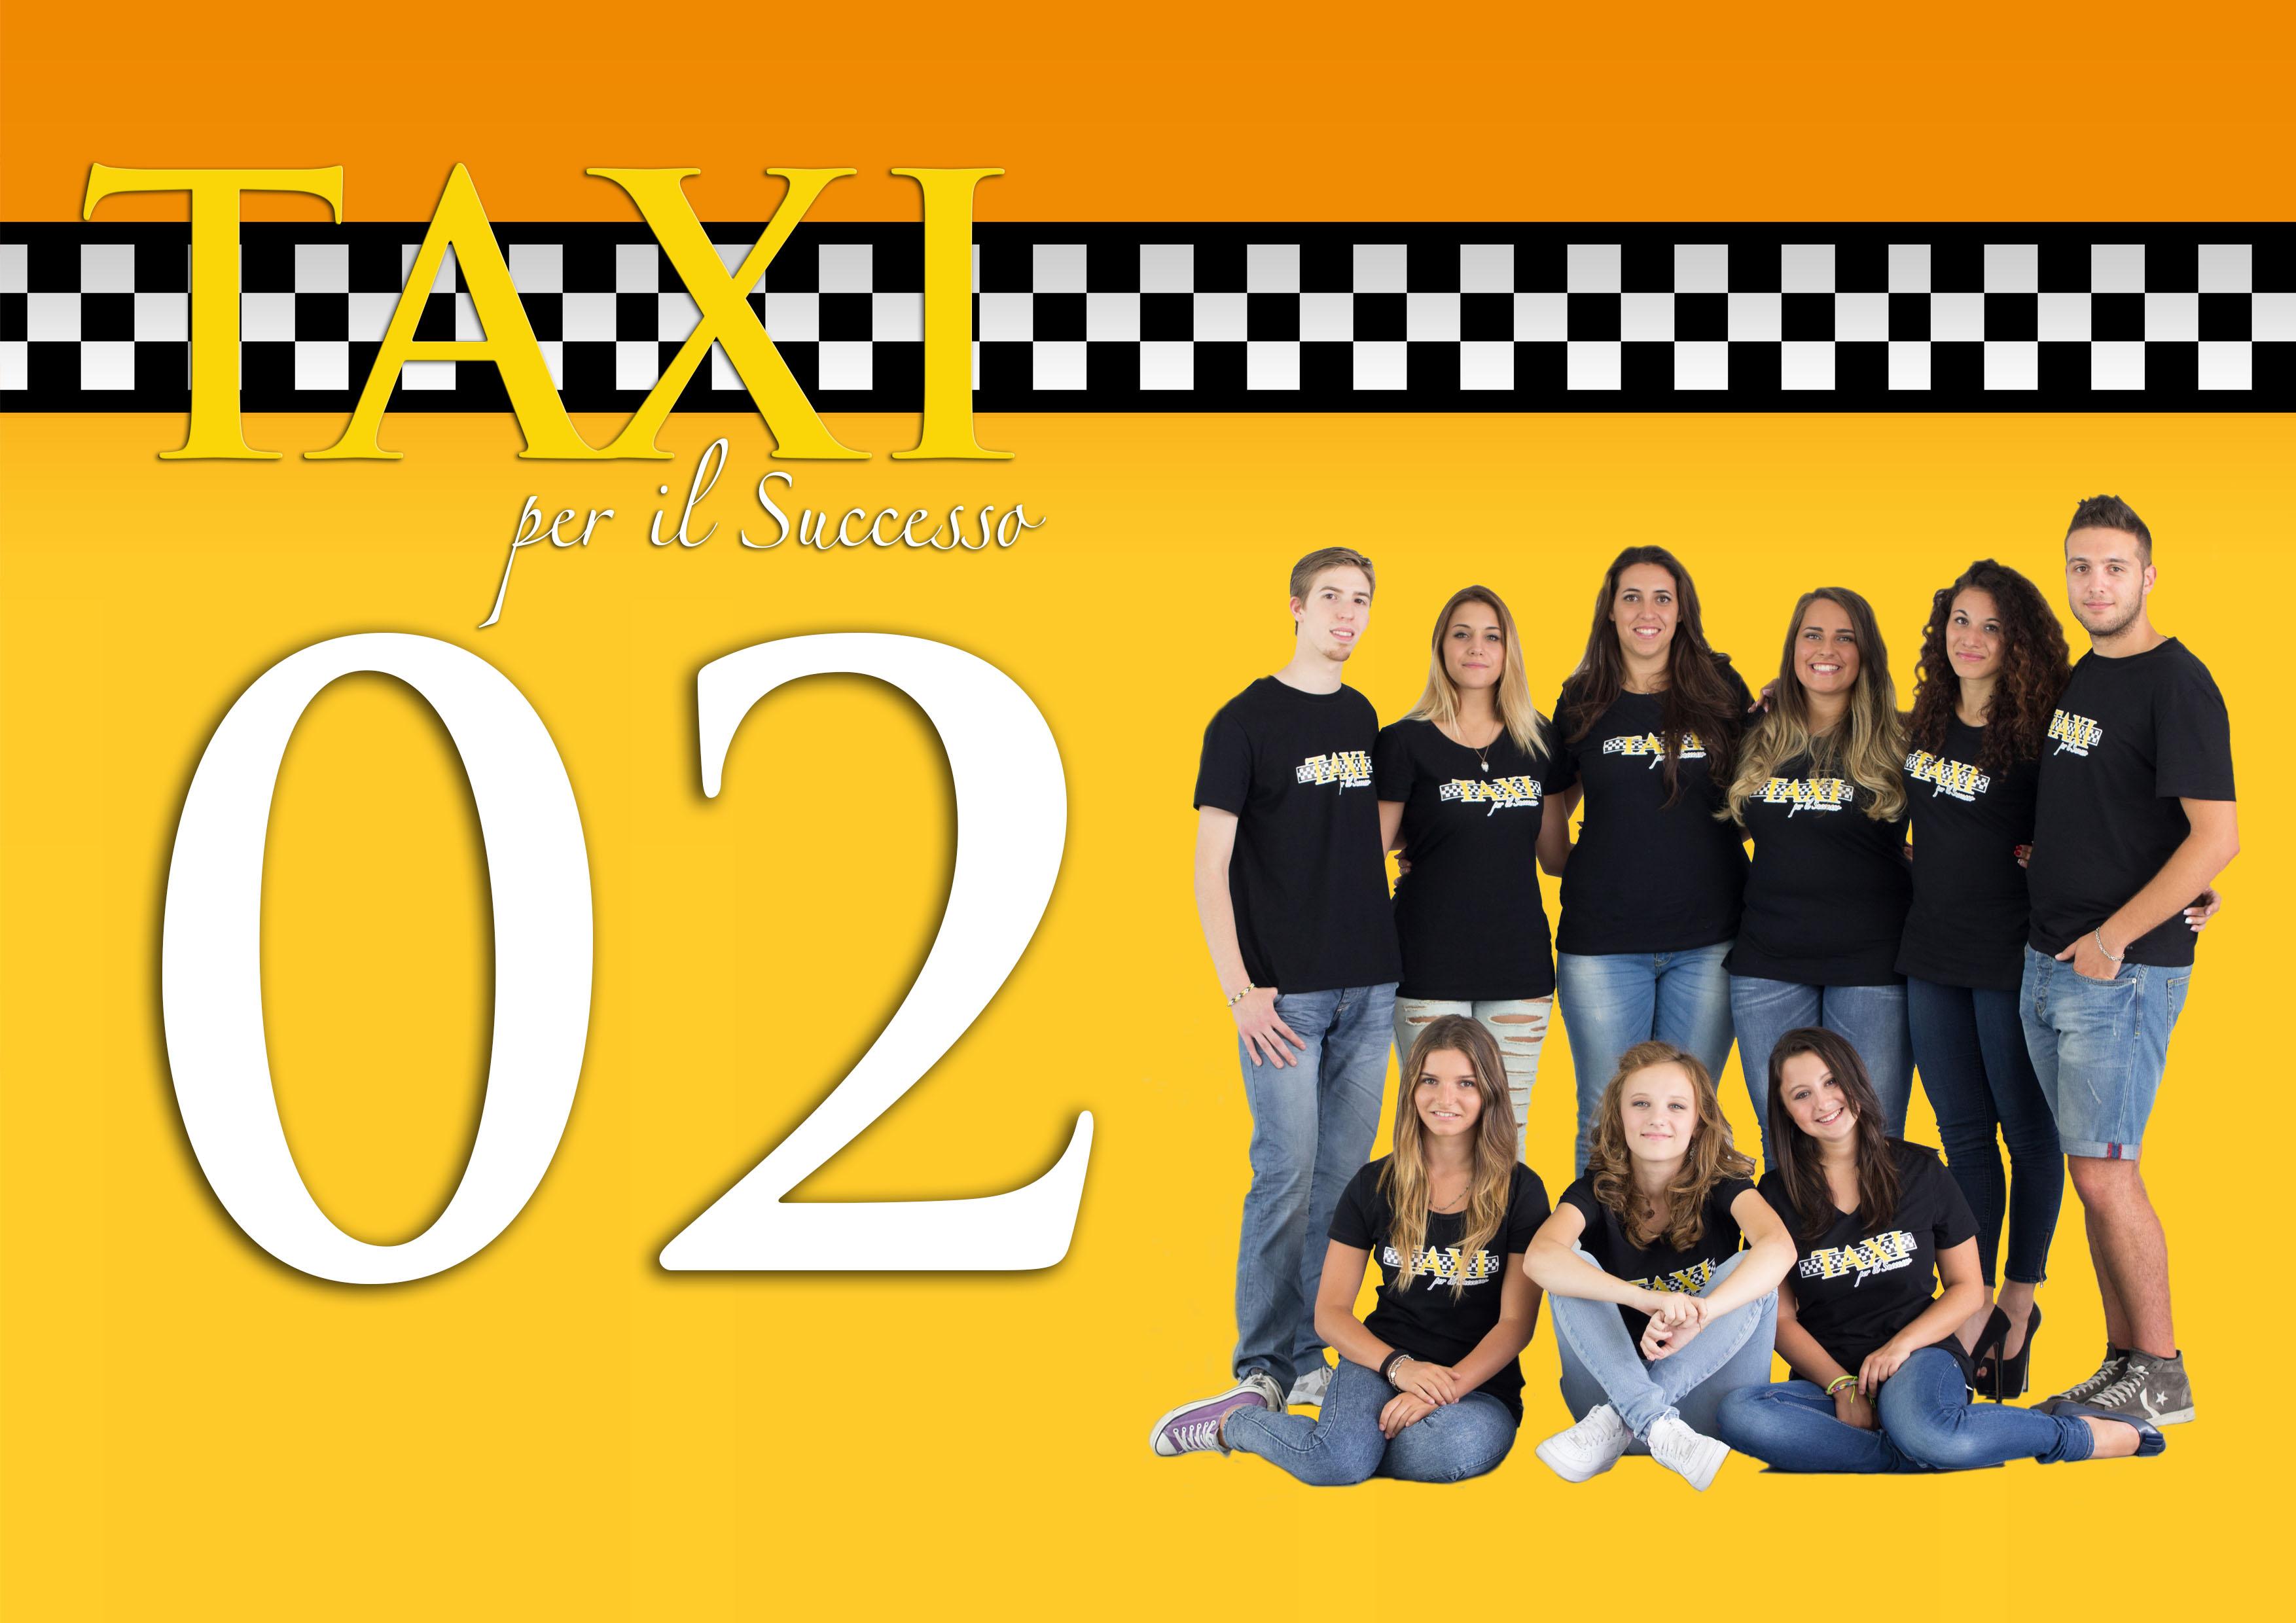 Taxi per il Successo